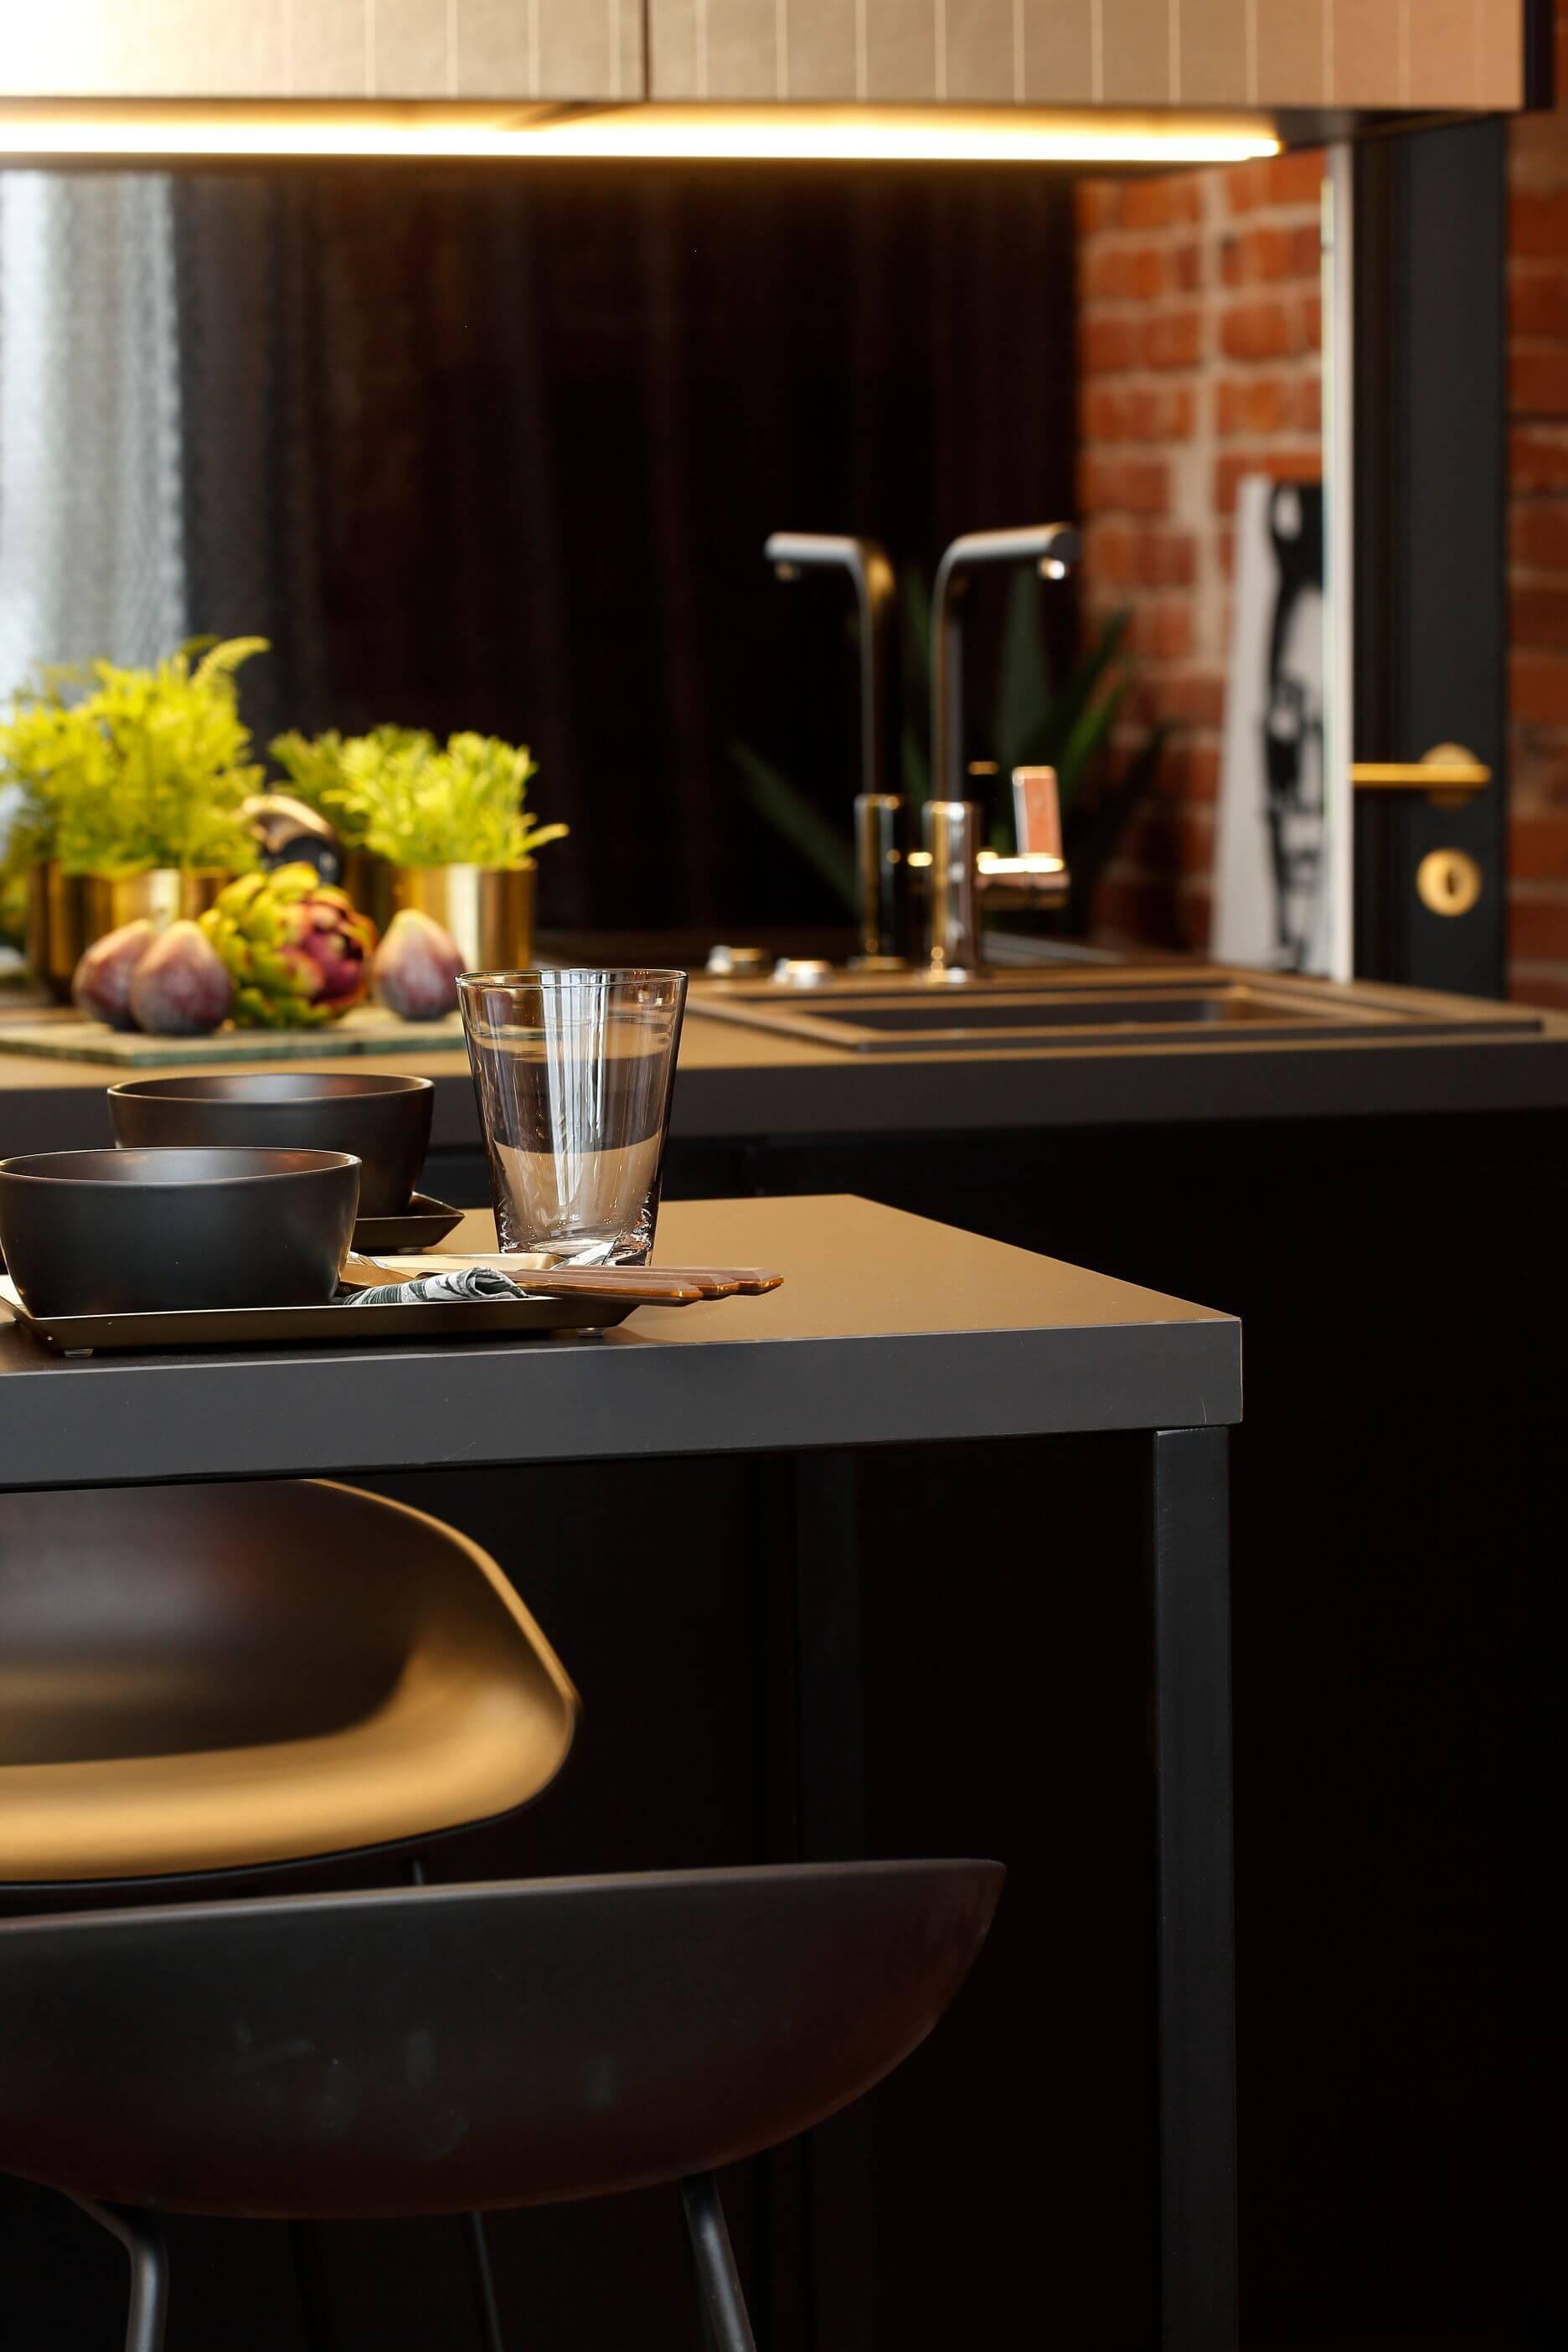 Fenex Vivarec köögiplaat, matid baaripukid Elke mööbel Hay pukktoolid